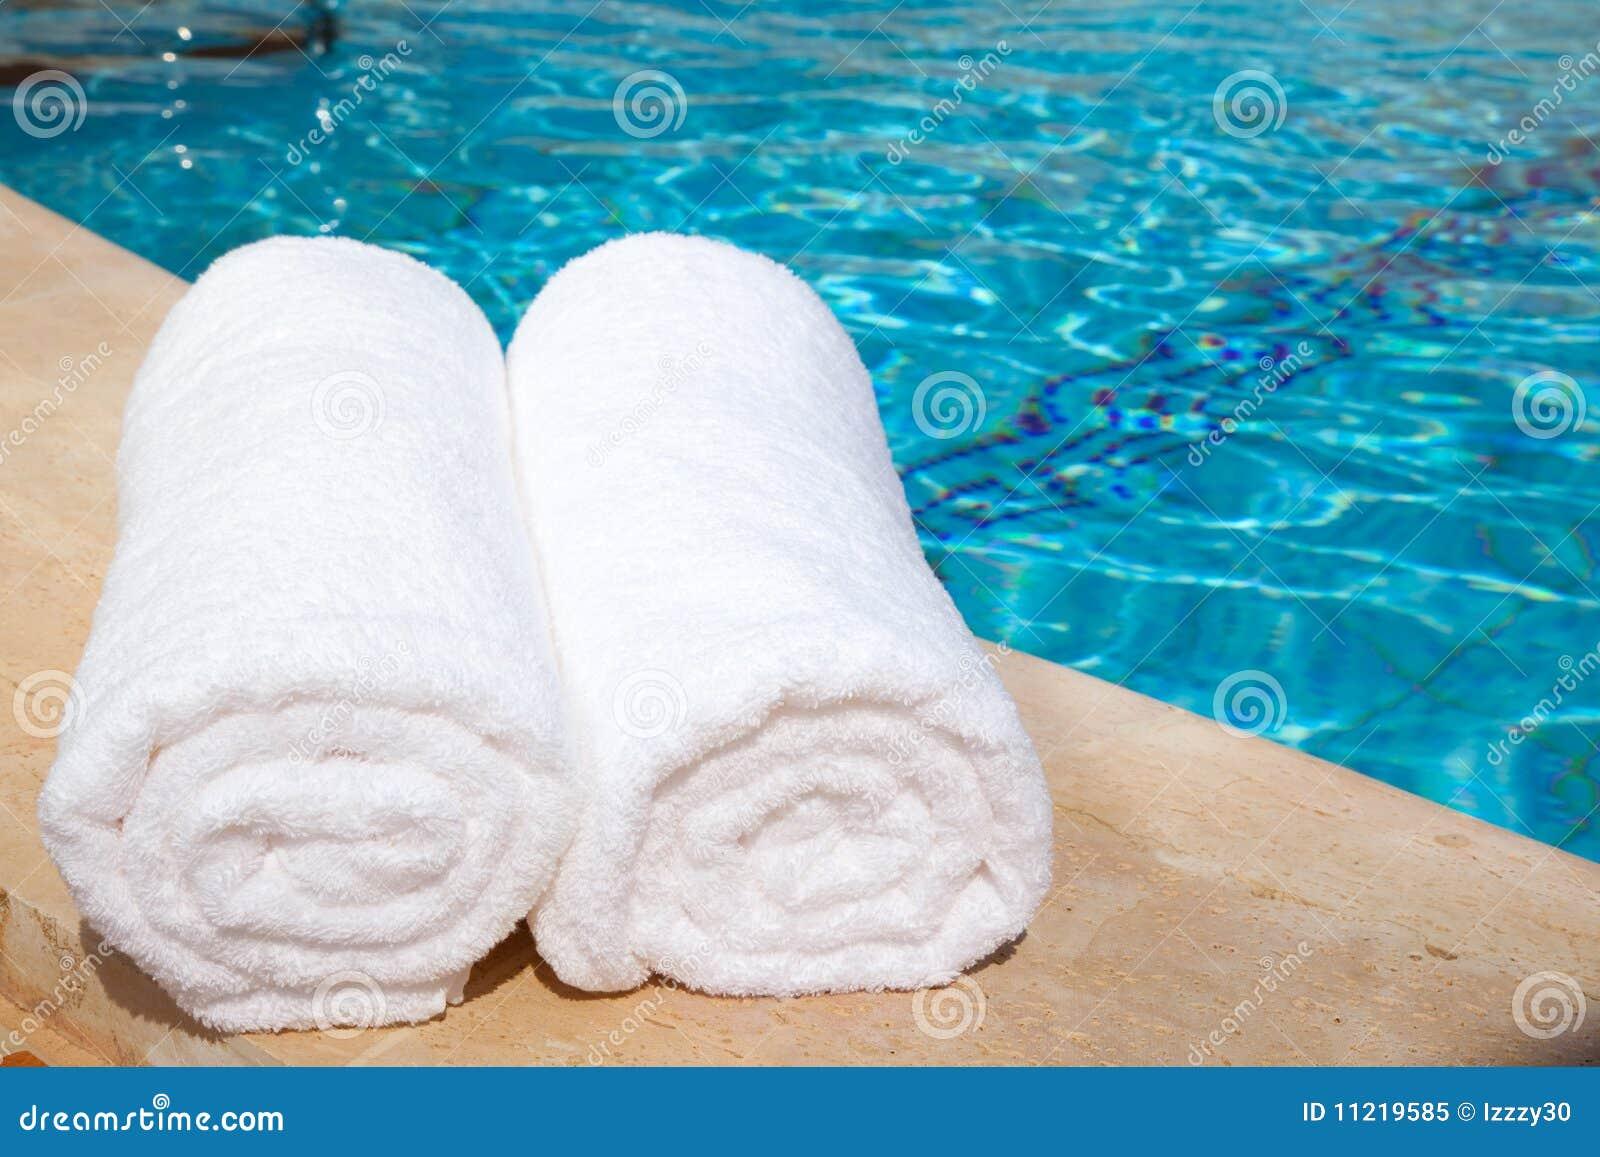 Dos toallas blancas enrolladas por la piscina azul foto de for Toallas piscina